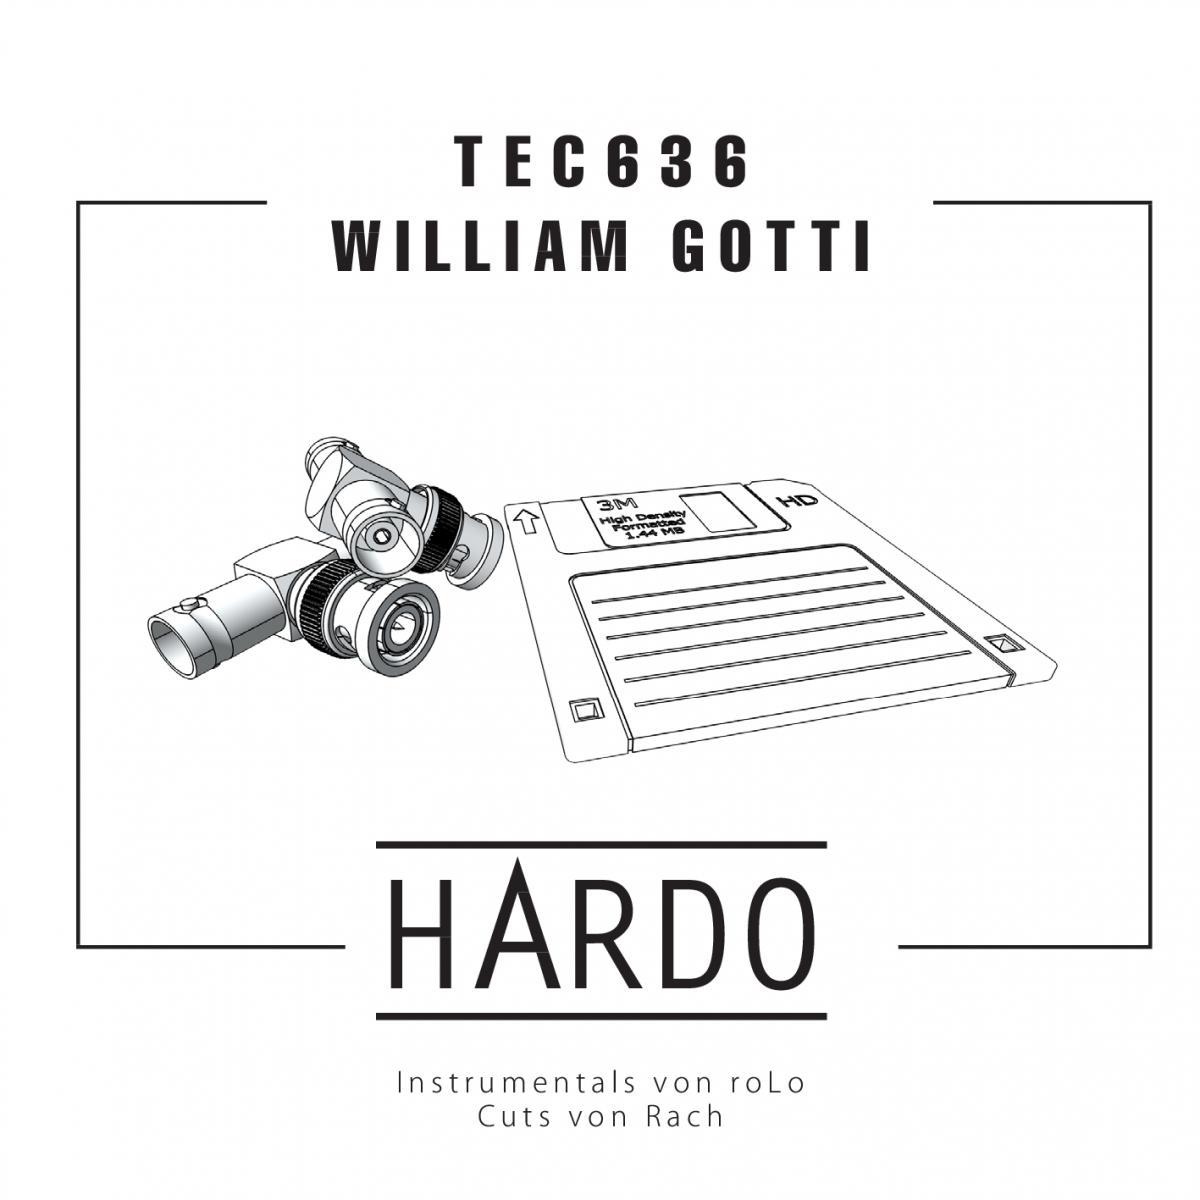 Upcoming: TEC636, William Gotti - Hardo